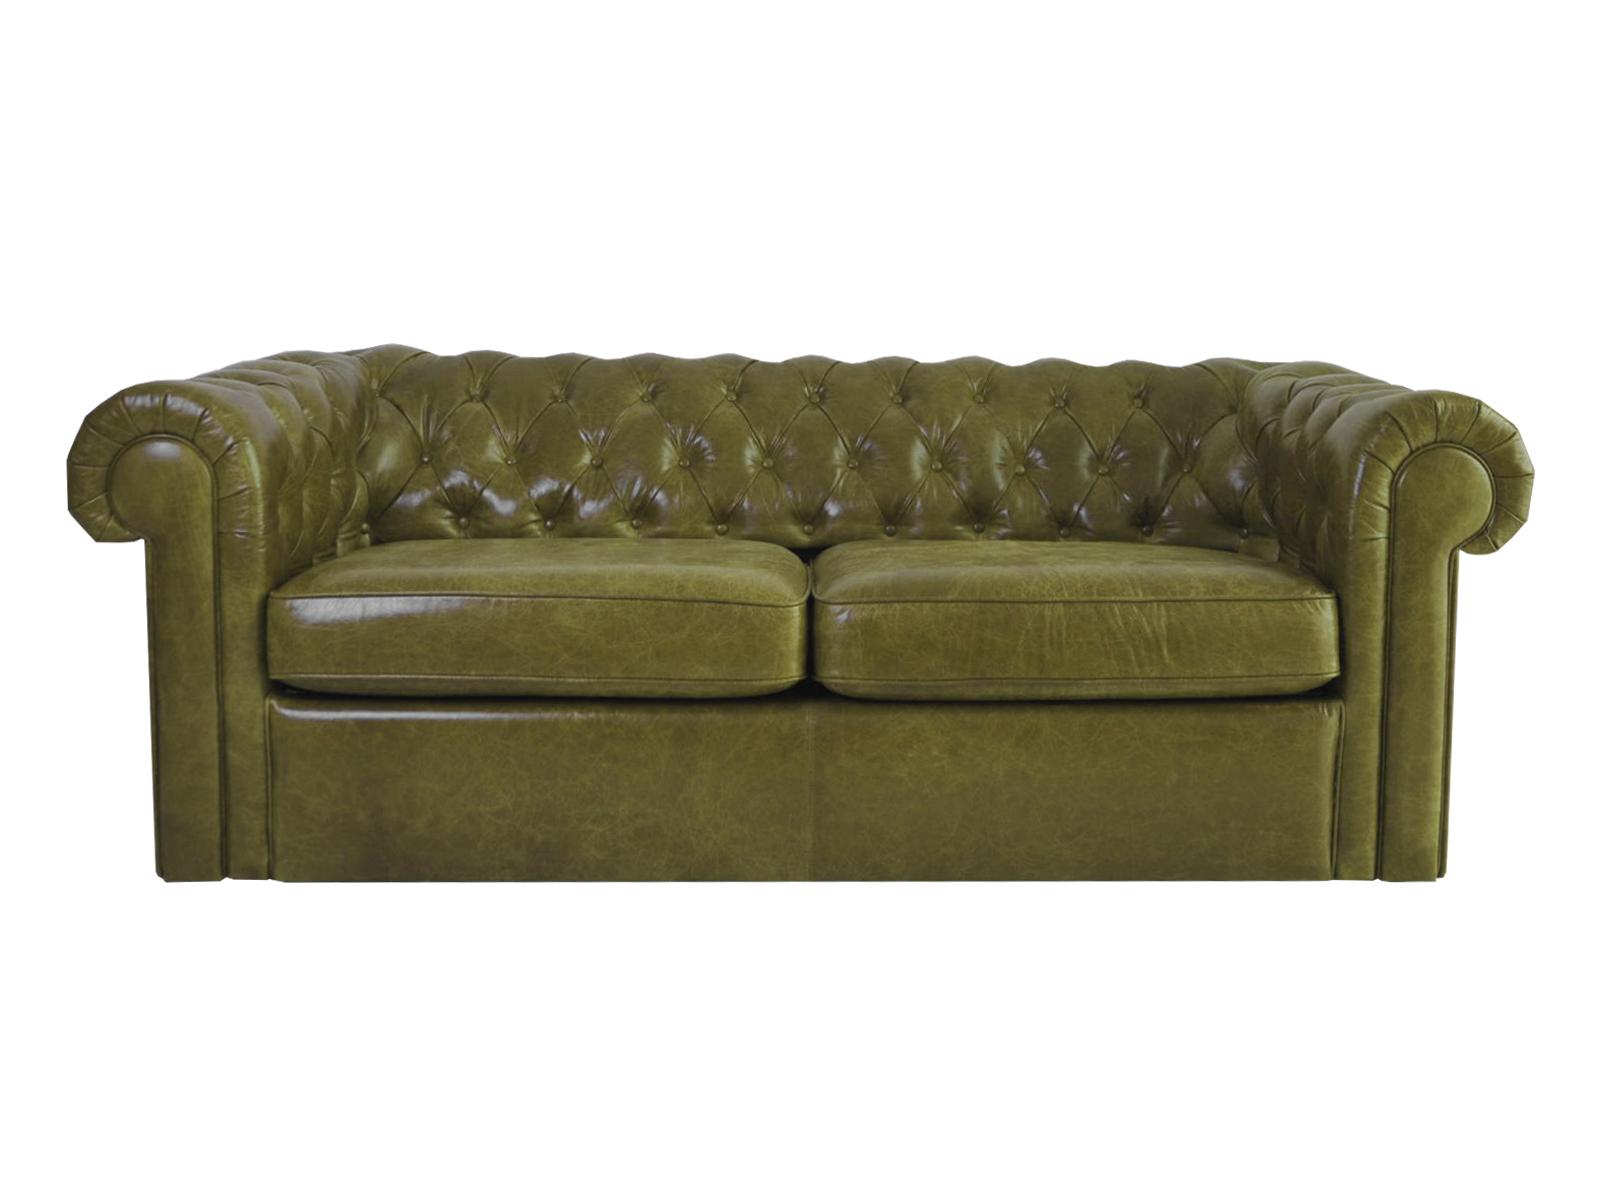 Диван ChesterКожаные диваны<br>Классический двухместный диван. Благодаря наклону мягкой спинки диван Честер считается диваном повышенной комфортности. Диван изготовлен из натуральной, классической кожи с эффектом пулл-ап (кожа светлеет в местах натяжения), что придает винтажный облик изделия.&amp;lt;div&amp;gt;&amp;lt;br&amp;gt;&amp;lt;/div&amp;gt;&amp;lt;div&amp;gt;&amp;lt;div&amp;gt;Материалы:&amp;lt;/div&amp;gt;&amp;lt;div&amp;gt;Каркас: деревянный брус, фанера, МДФ.&amp;lt;/div&amp;gt;&amp;lt;div&amp;gt;Подушки спинок: пенополиуретан, синтепон.&amp;lt;/div&amp;gt;&amp;lt;div&amp;gt;Подушки сидений: пенополиуретан, синтепонн.&amp;lt;/div&amp;gt;&amp;lt;div&amp;gt;Обивка: натуральная кожа.&amp;lt;/div&amp;gt;&amp;lt;/div&amp;gt;<br><br>Material: Кожа